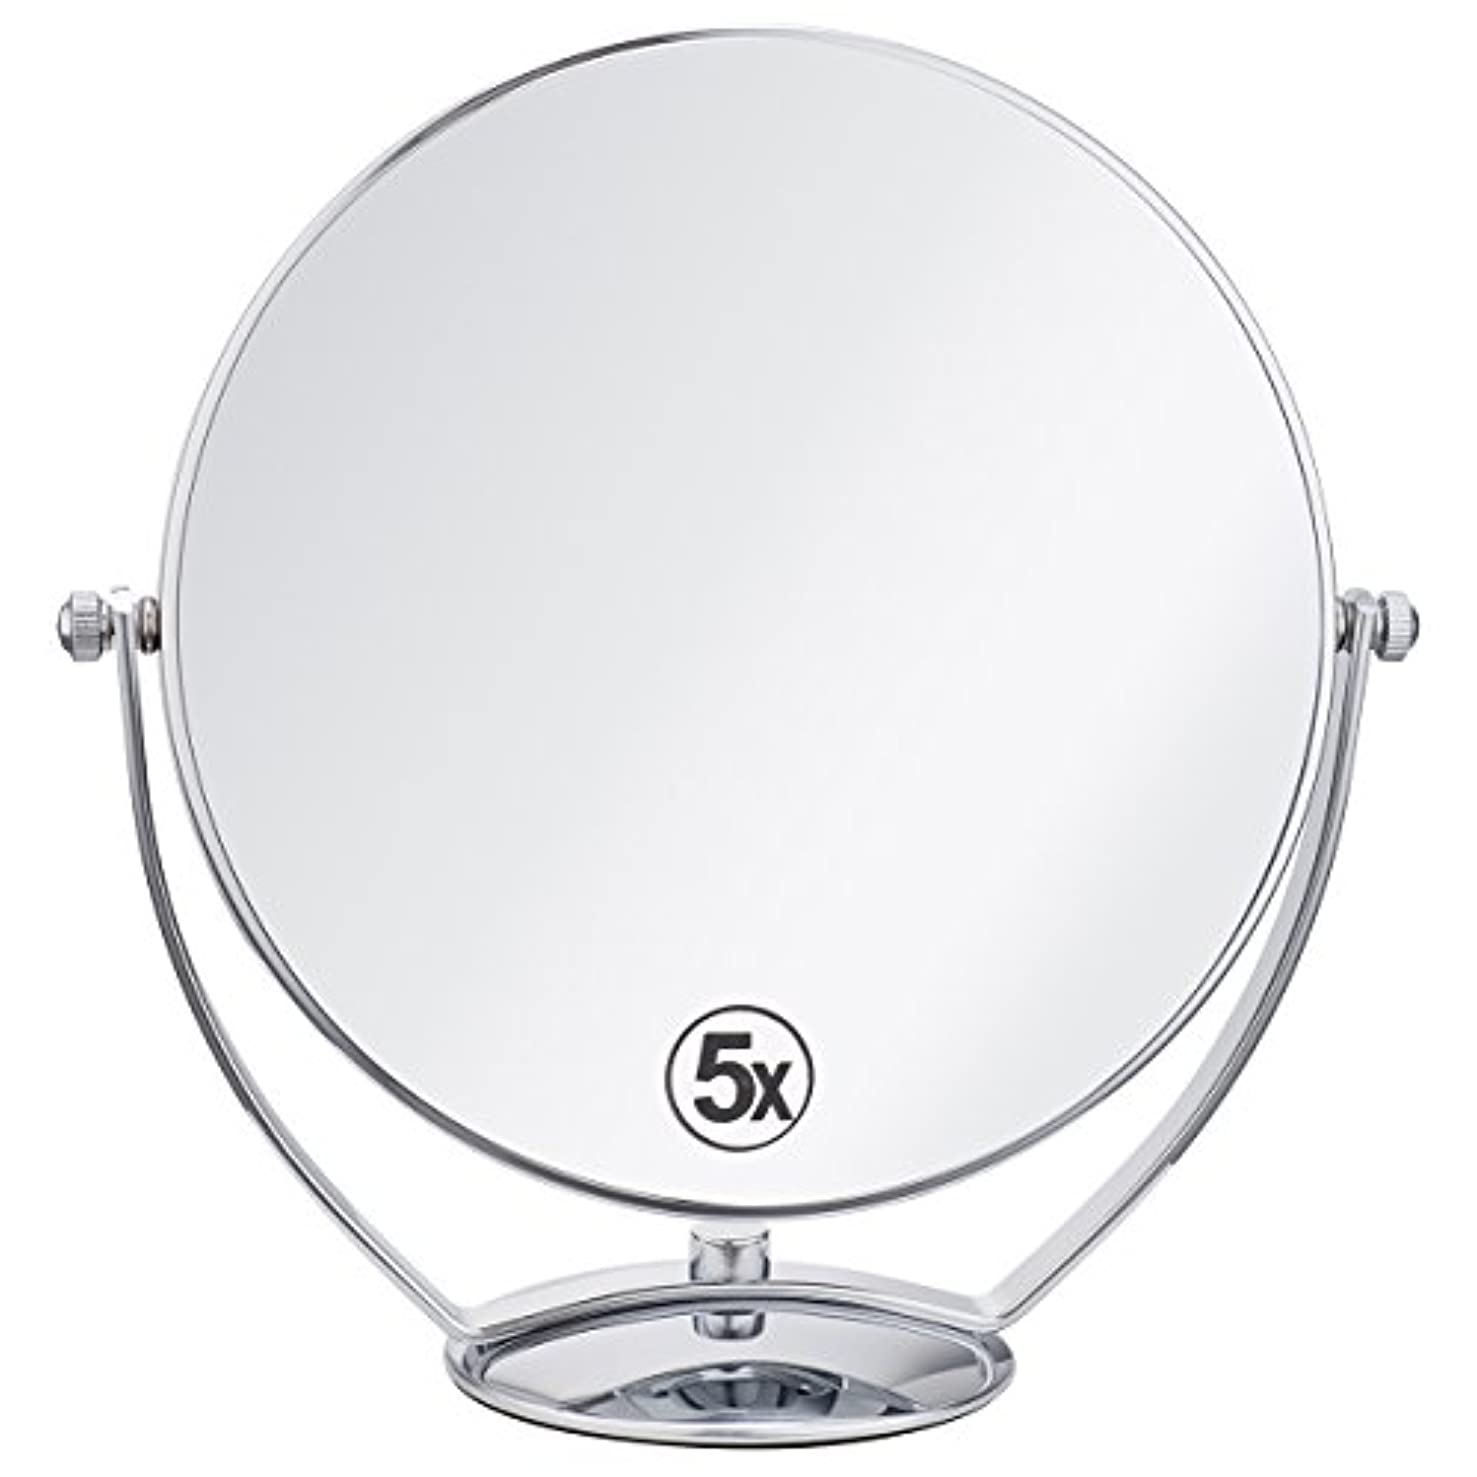 熱意会議決済(セーディコ)Cerdeco 西洋風鏡 真実の両面鏡DX 5倍拡大鏡+等倍鏡 両面化粧鏡 360度回転 卓上鏡 スタンドミラー メイク道具 大きい鏡面φ198mm j823